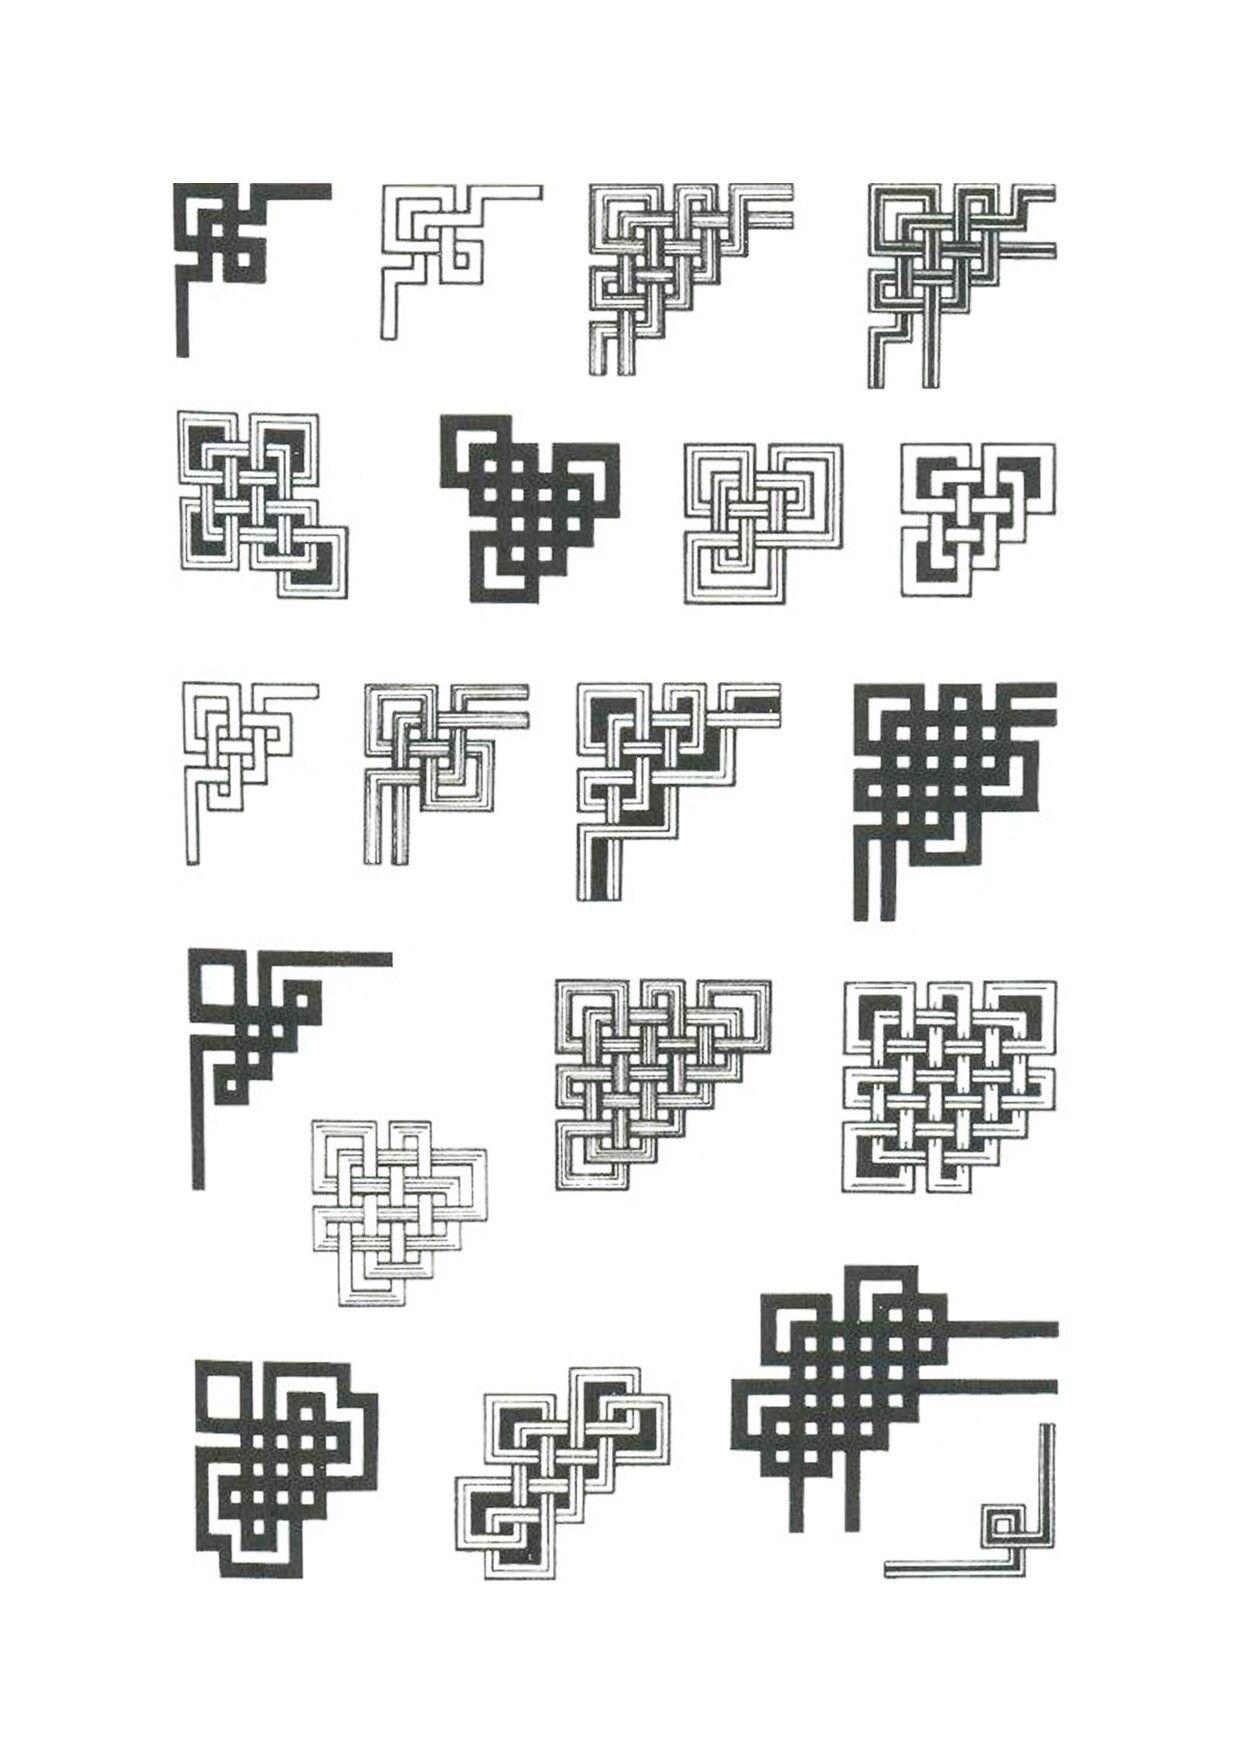 Pin von 盧耕生 auf 紋路   Pinterest   Geometrie, Muster und Typografie